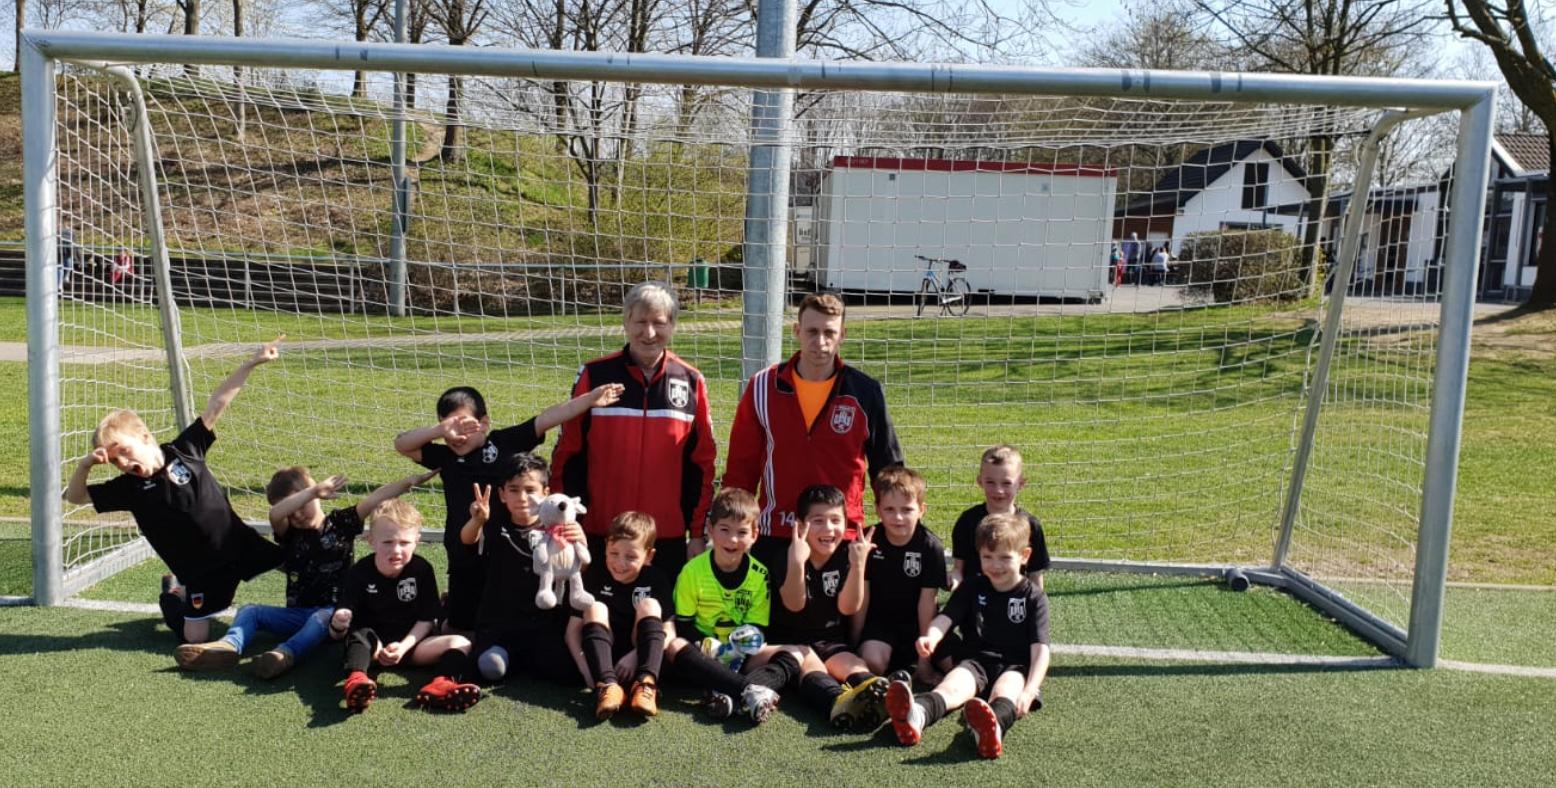 U7 Hennef 05 mit ihrem Trainer Lothar Jahn